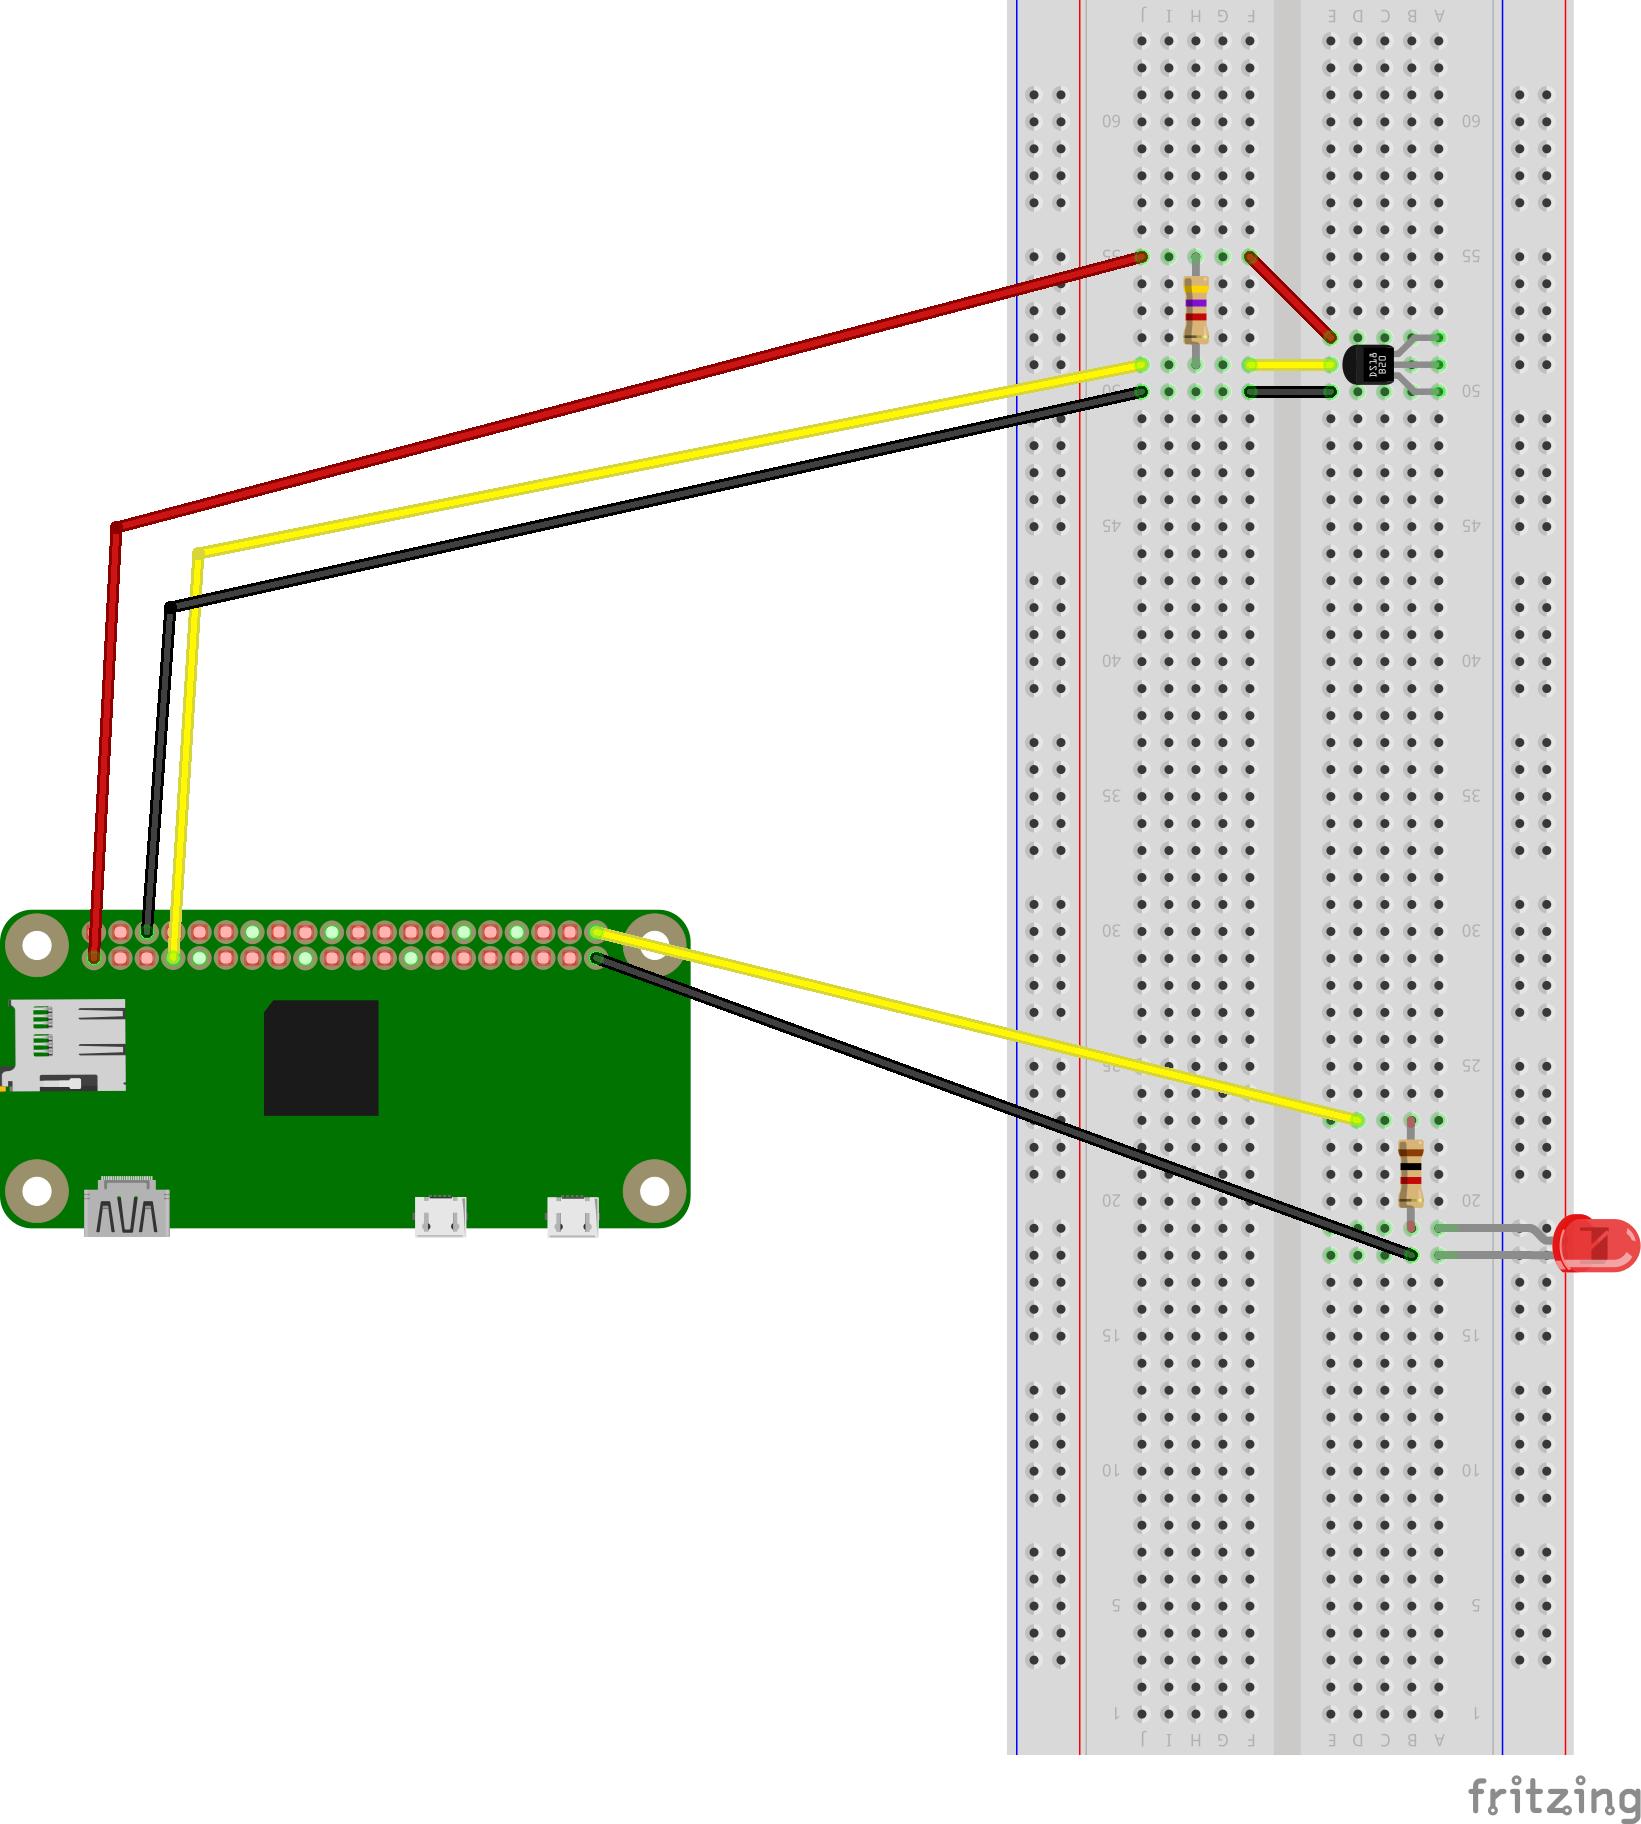 Coffee alert system wiring f4fglggn92